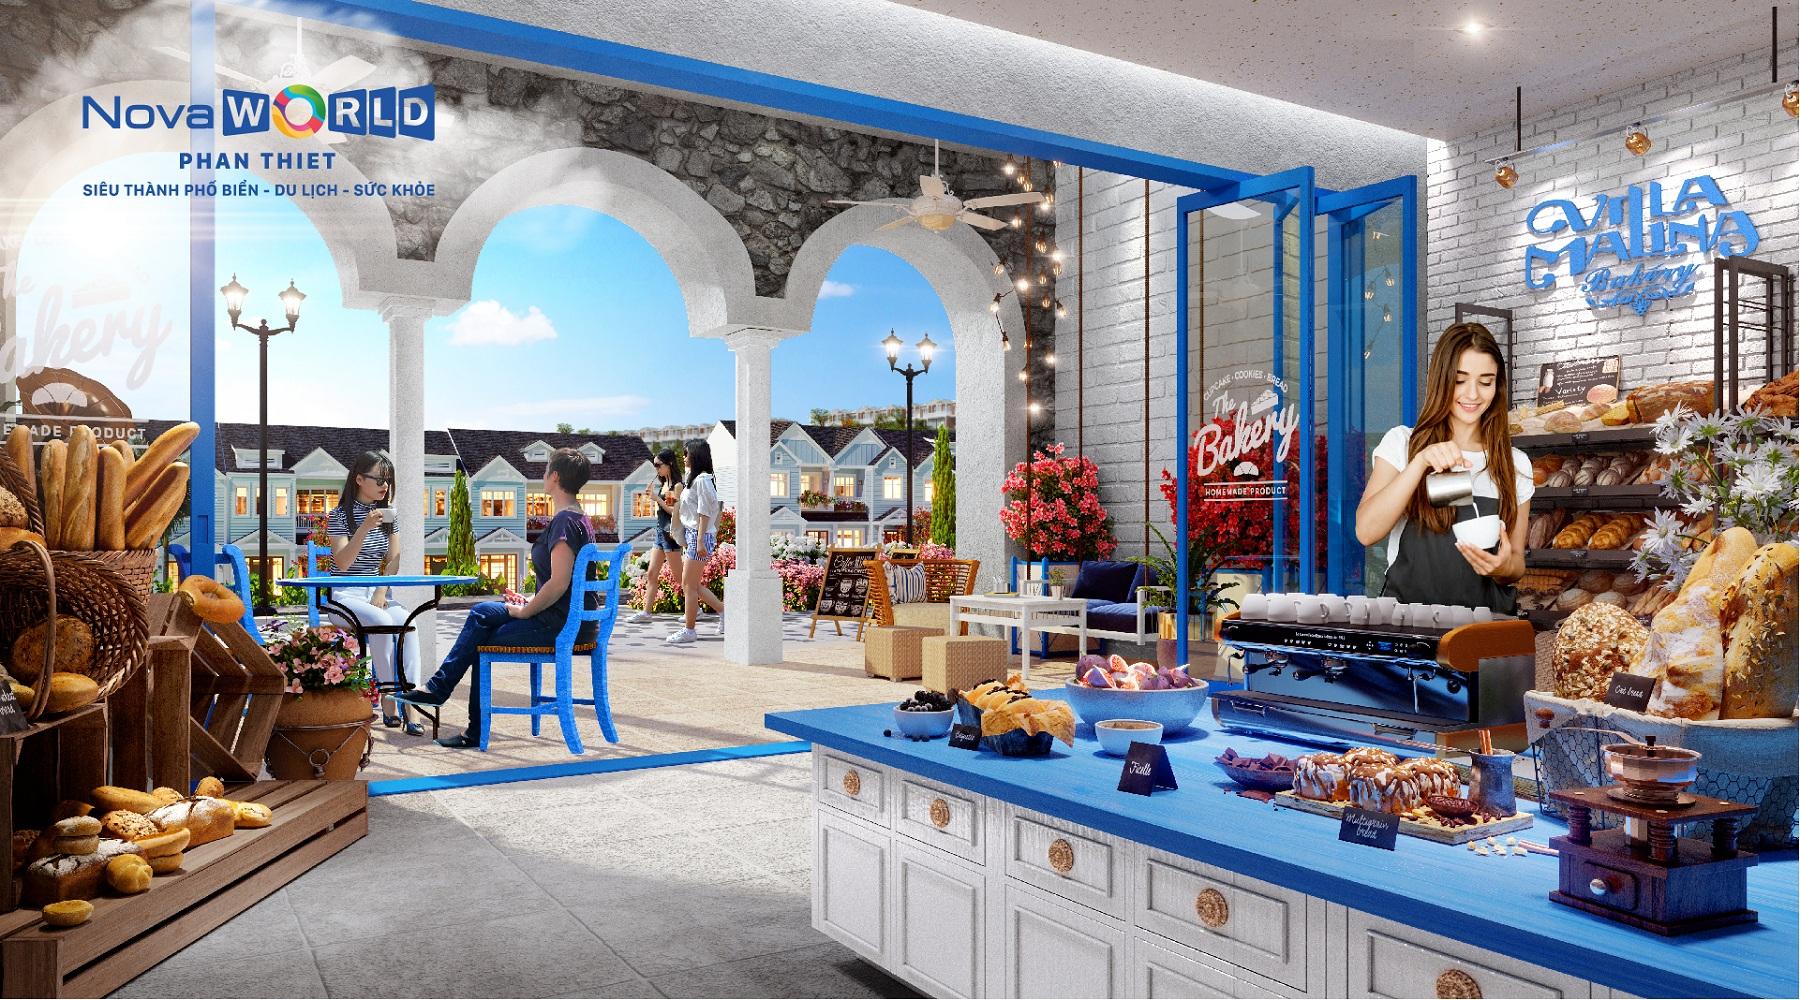 Đầu tư với những ưu đãi hiếm có từ Boutique Hotel Novaworld Phan Thiet